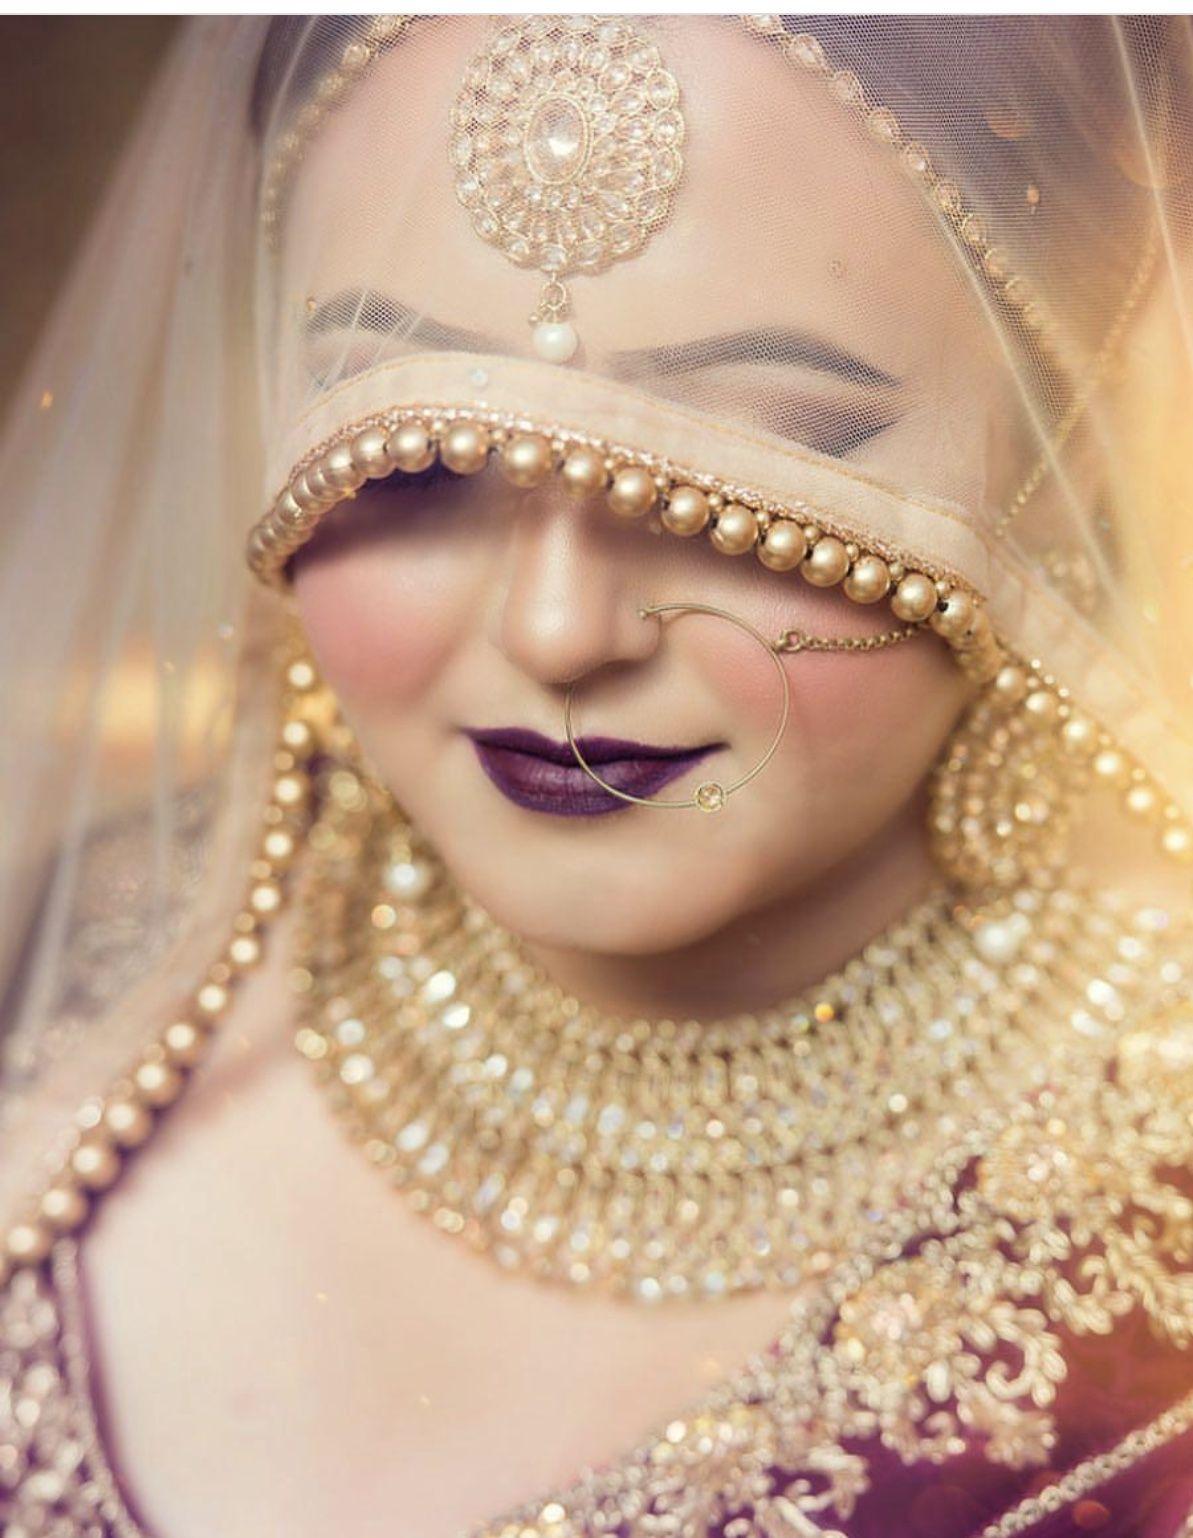 d3c48c3312dd7 Indien, Femmes Rondes, Mariée De Punjabi, Mariage Punjabi, Vêtements De  Mariage,